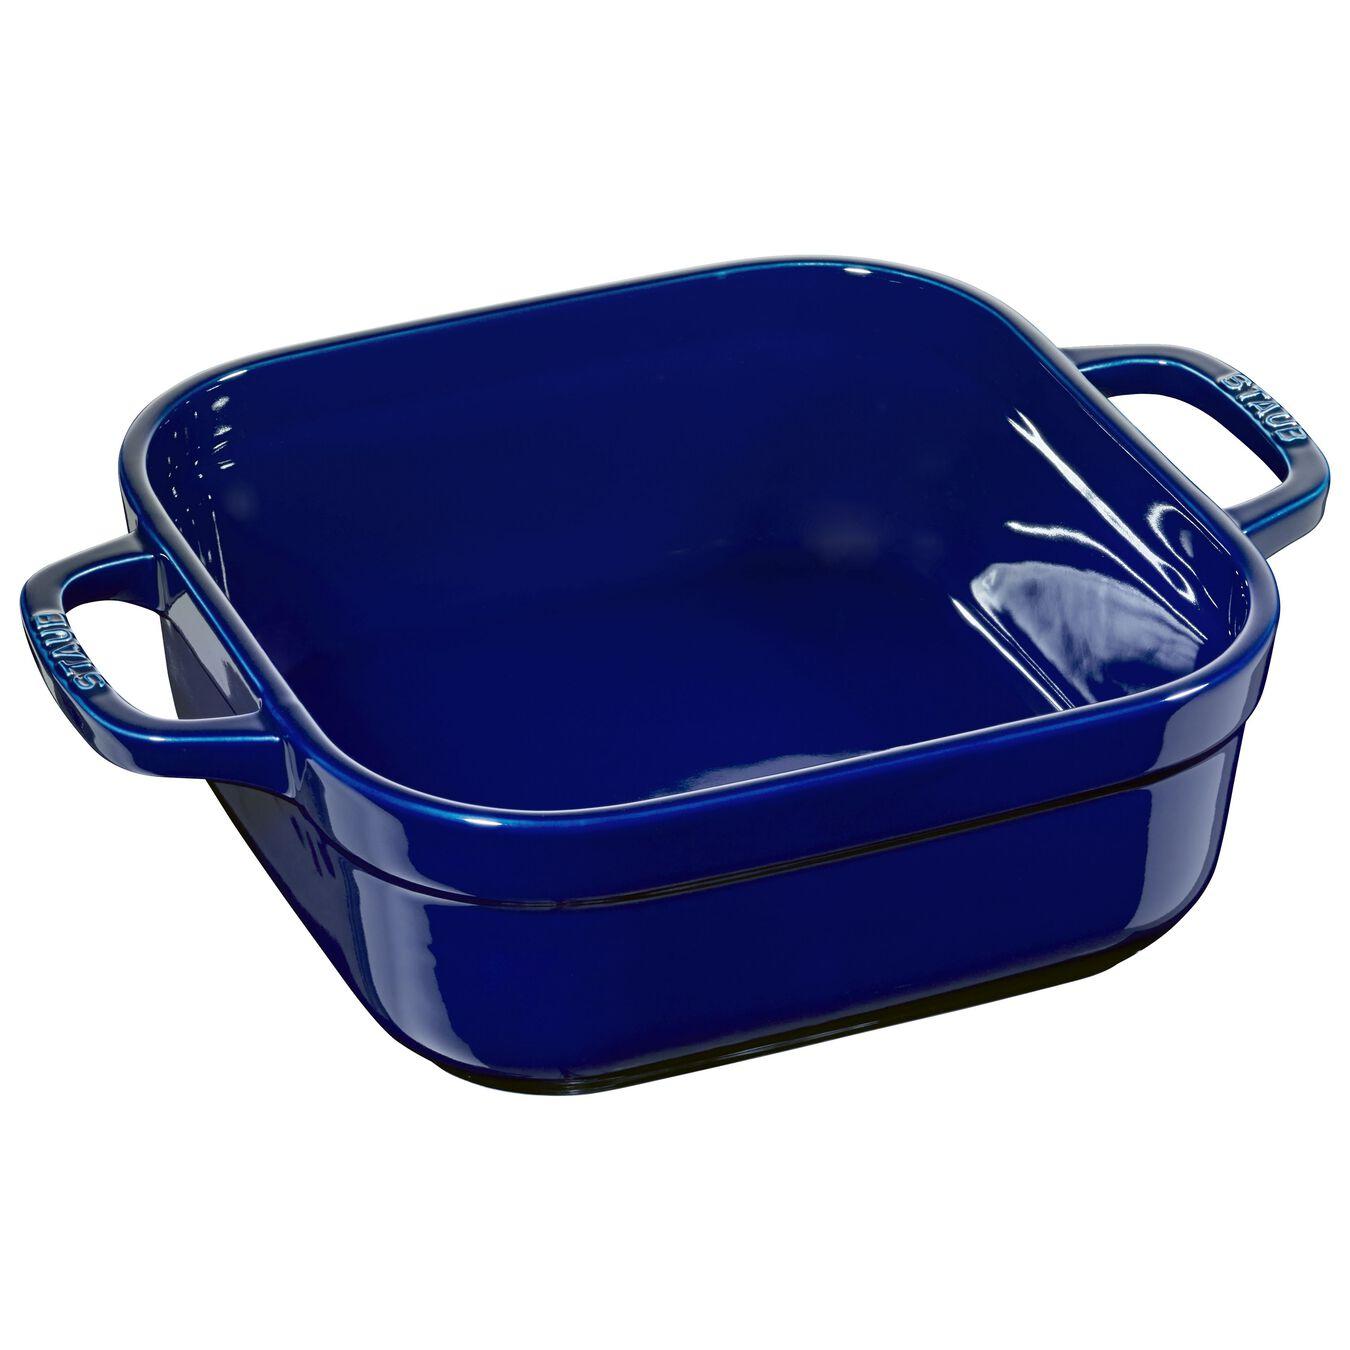 Ceramic Oven dish,,large 1